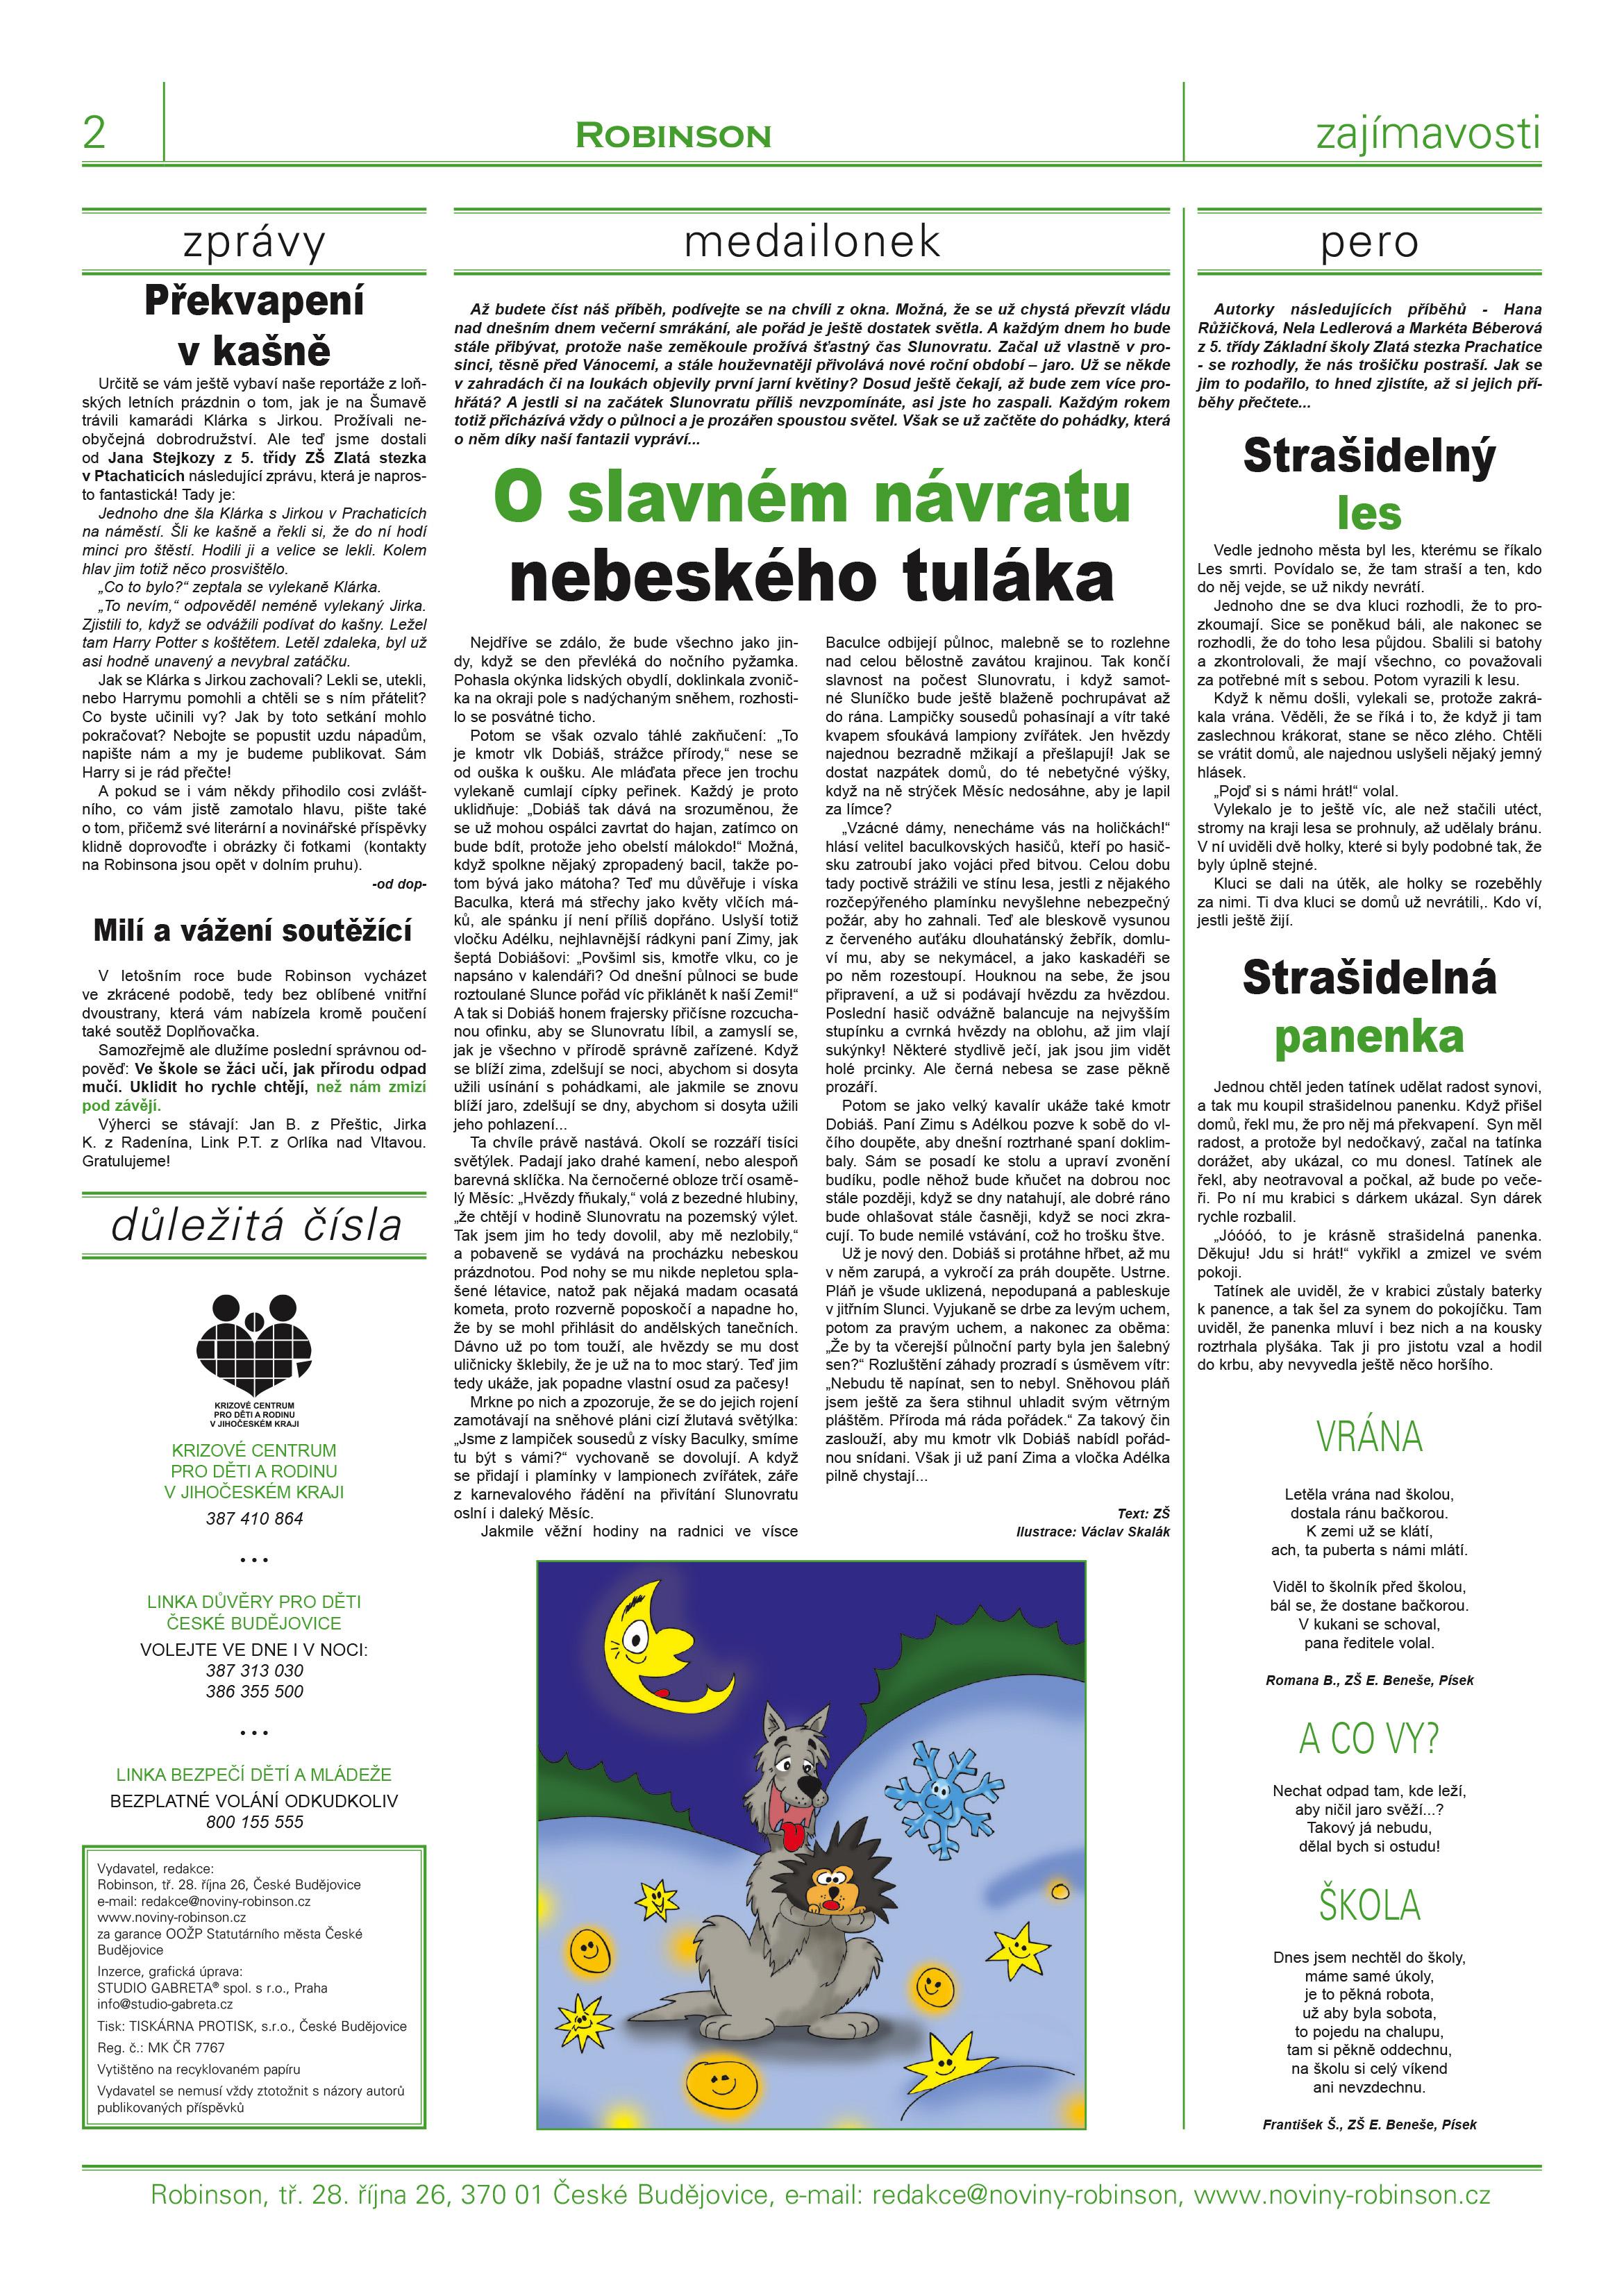 Robinson noviny